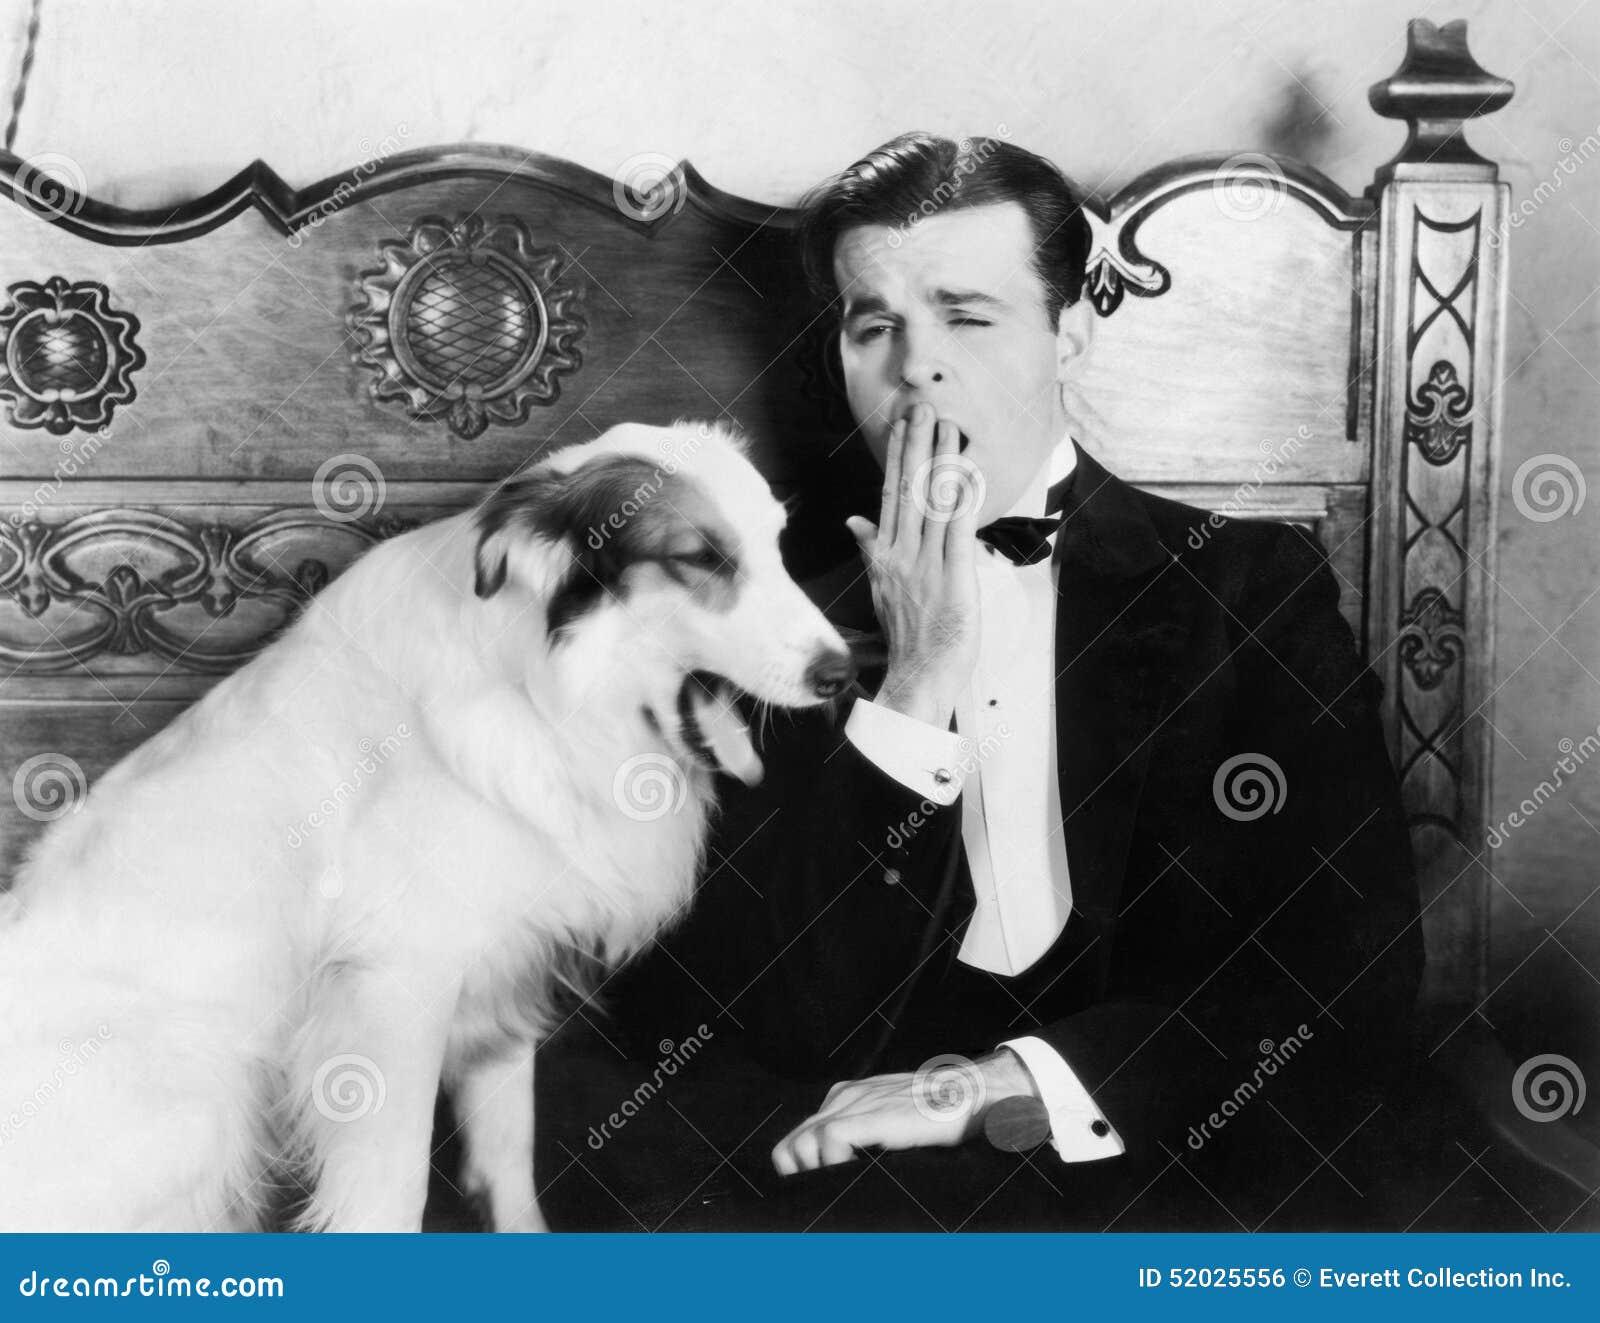 Man And Dog Sitting Together Yawning Stock Photo - Image ...